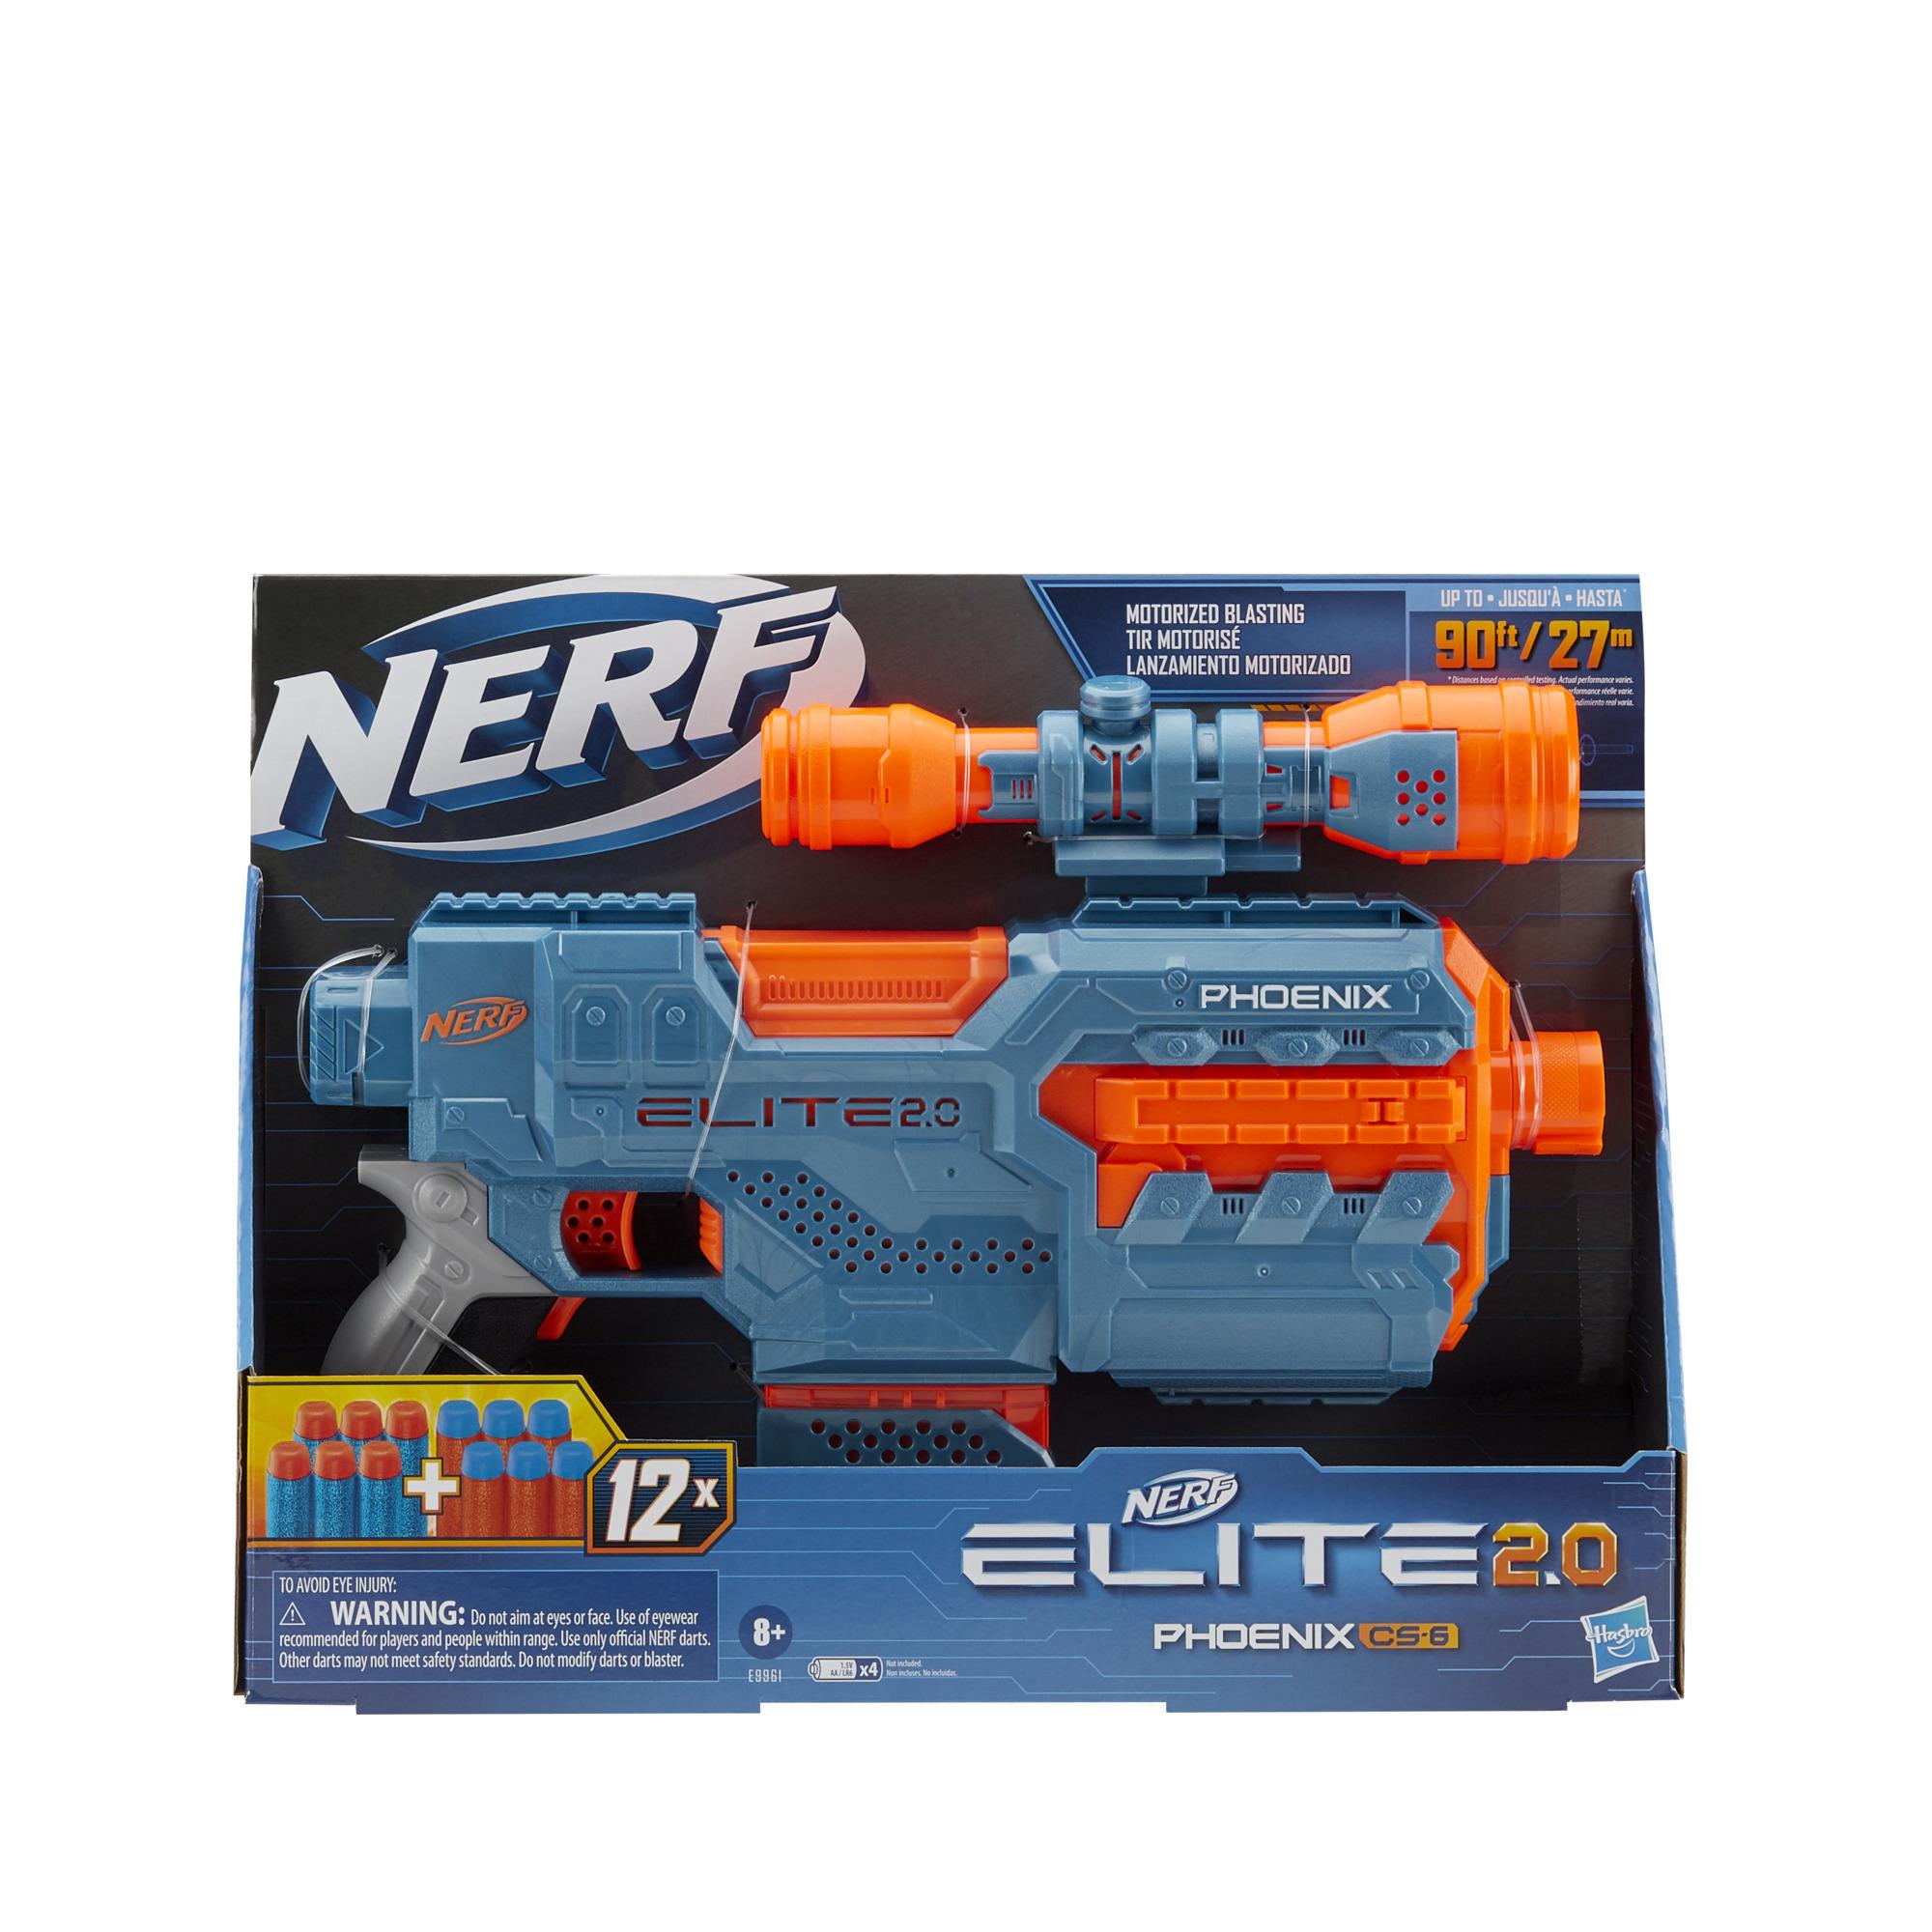 Lanzador motorizado Nerf Elite 2.0 Phoenix CS-6 - 12 dardos Nerf oficiales, clip, mira, capacidad de personalización